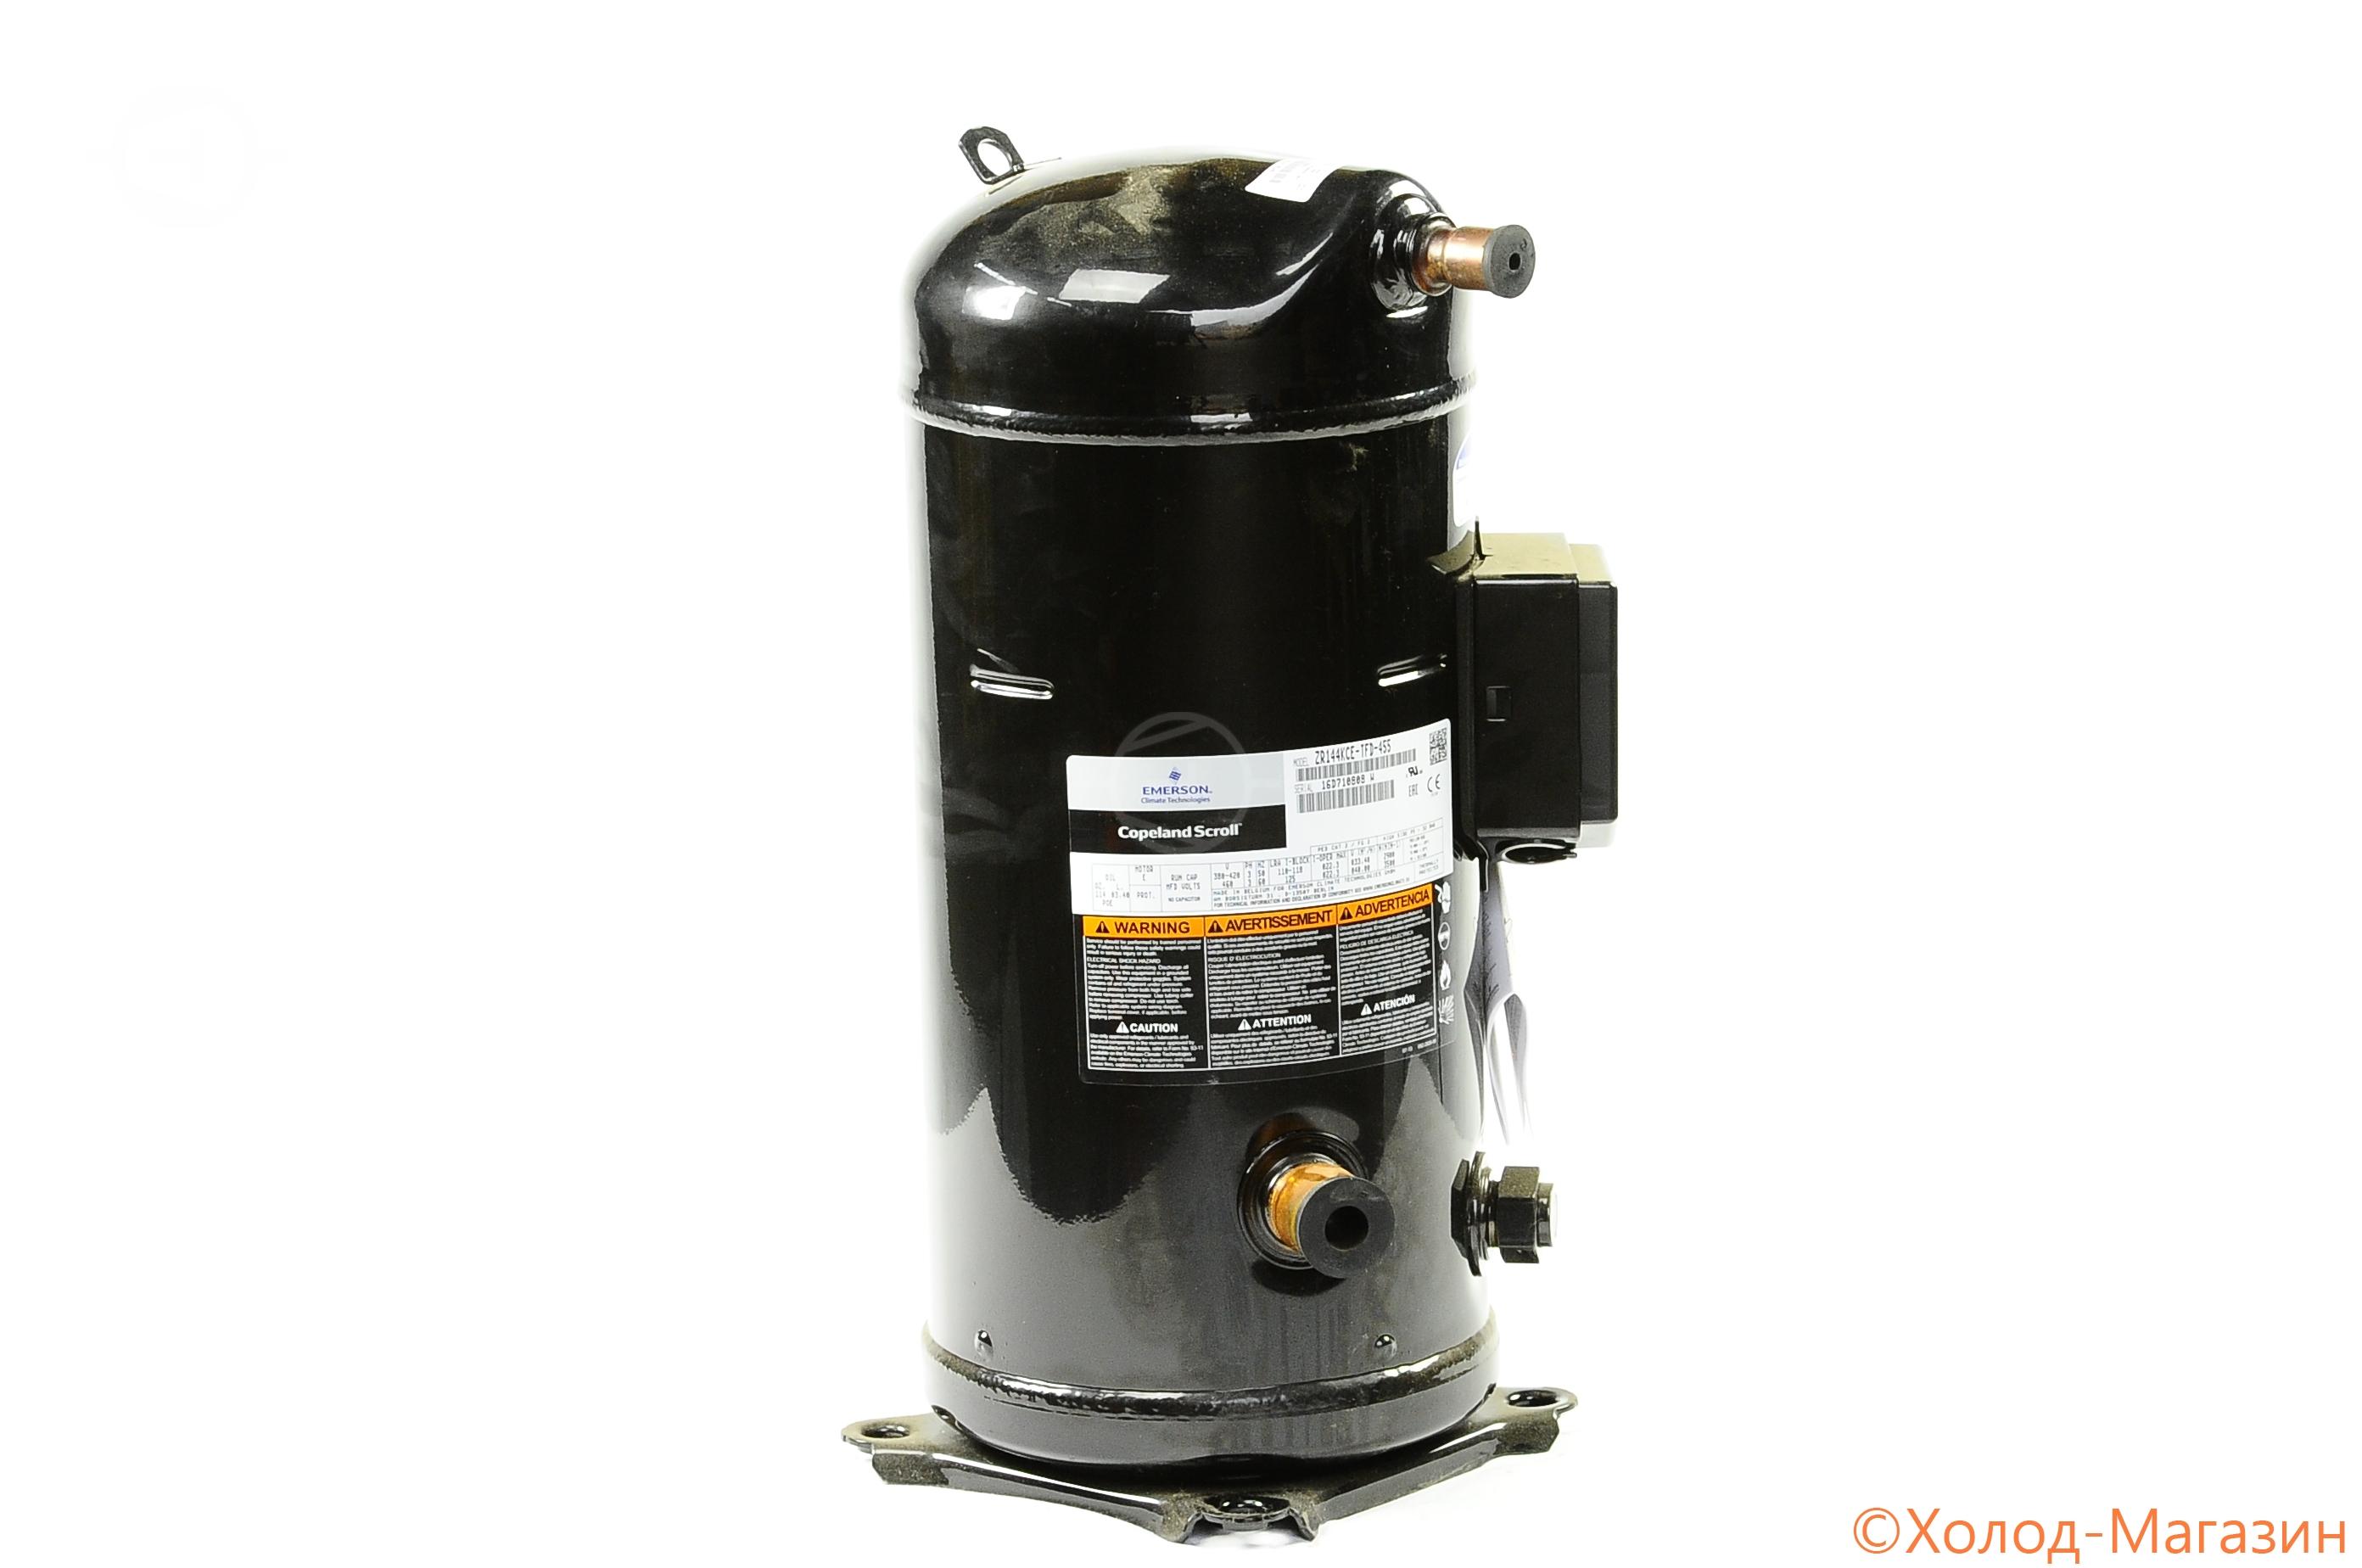 Компрессор спиральный ZR 144 KCE-TFD-455 Copeland, Emerson